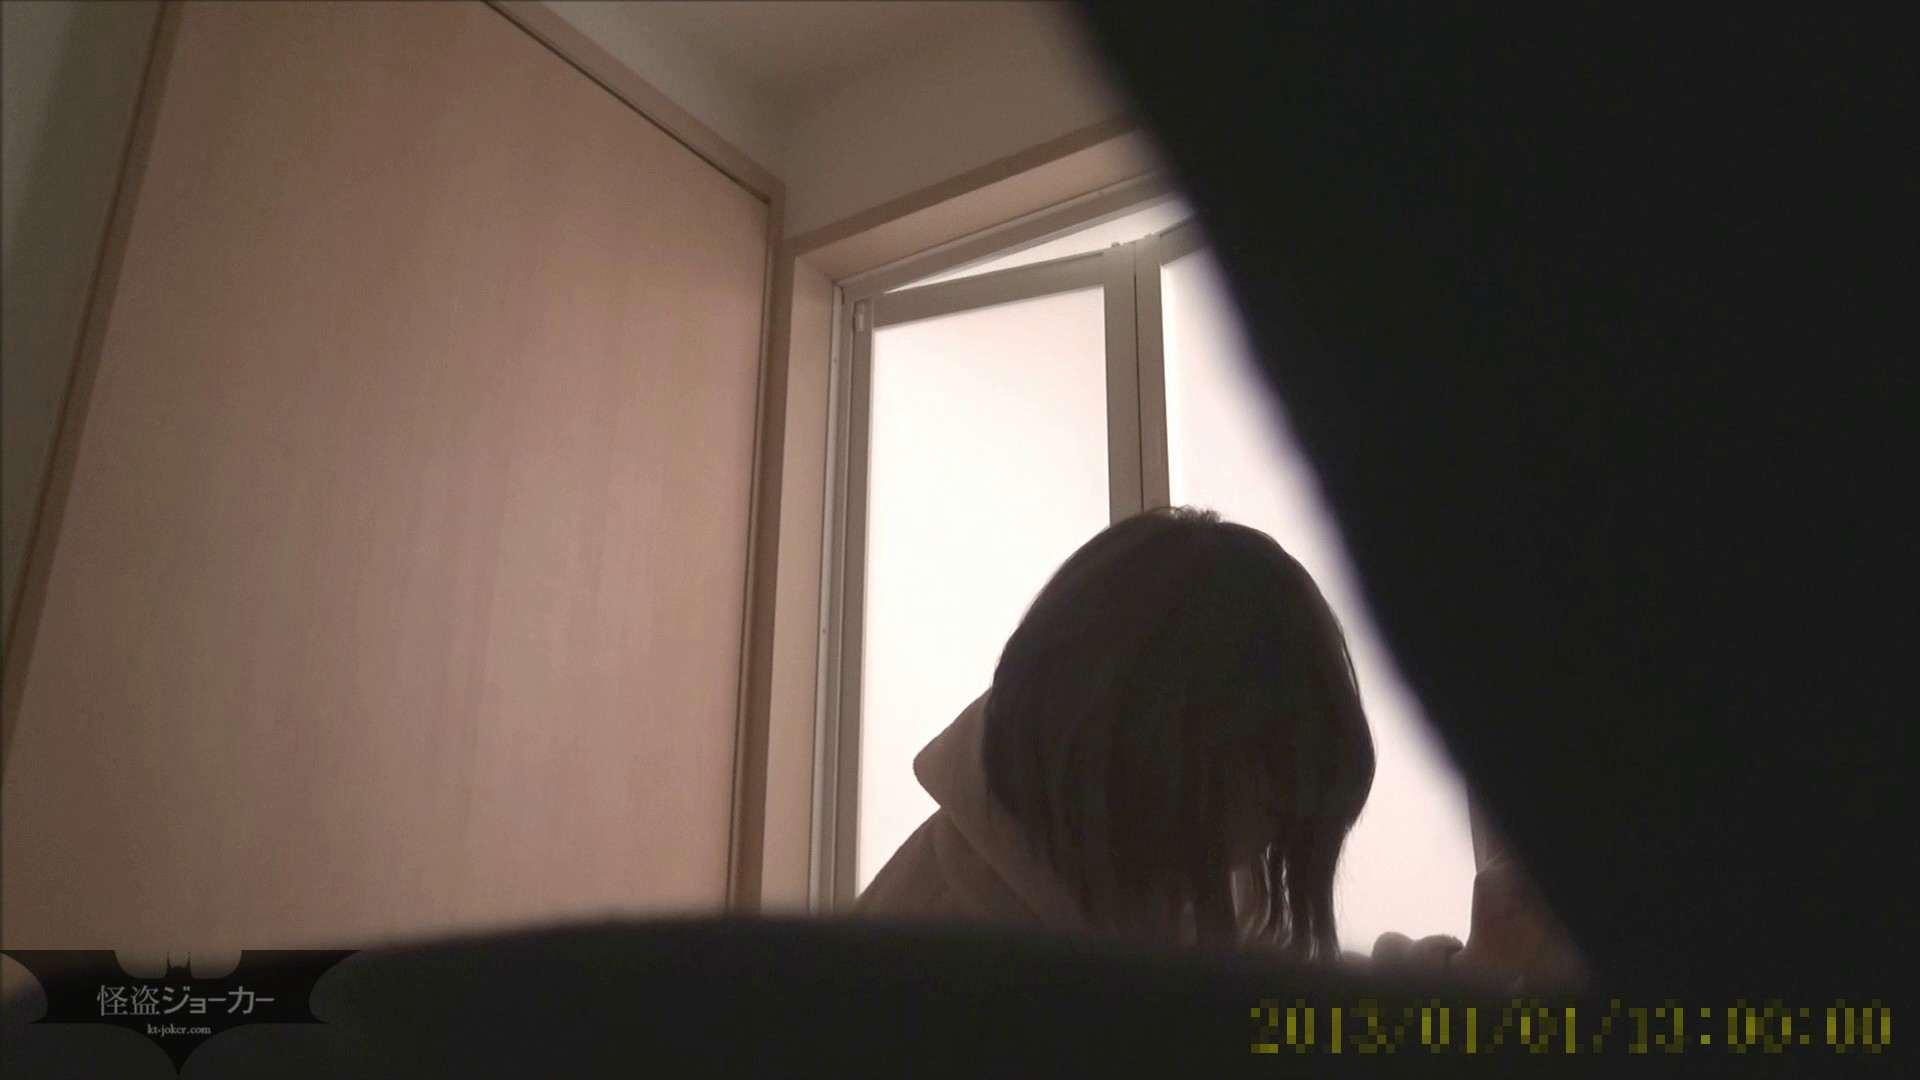 【未公開】vol.103  {黒髪→茶髪ボブに変身}美巨乳アミちゃん④【前編】 高画質 セックス画像 92画像 5